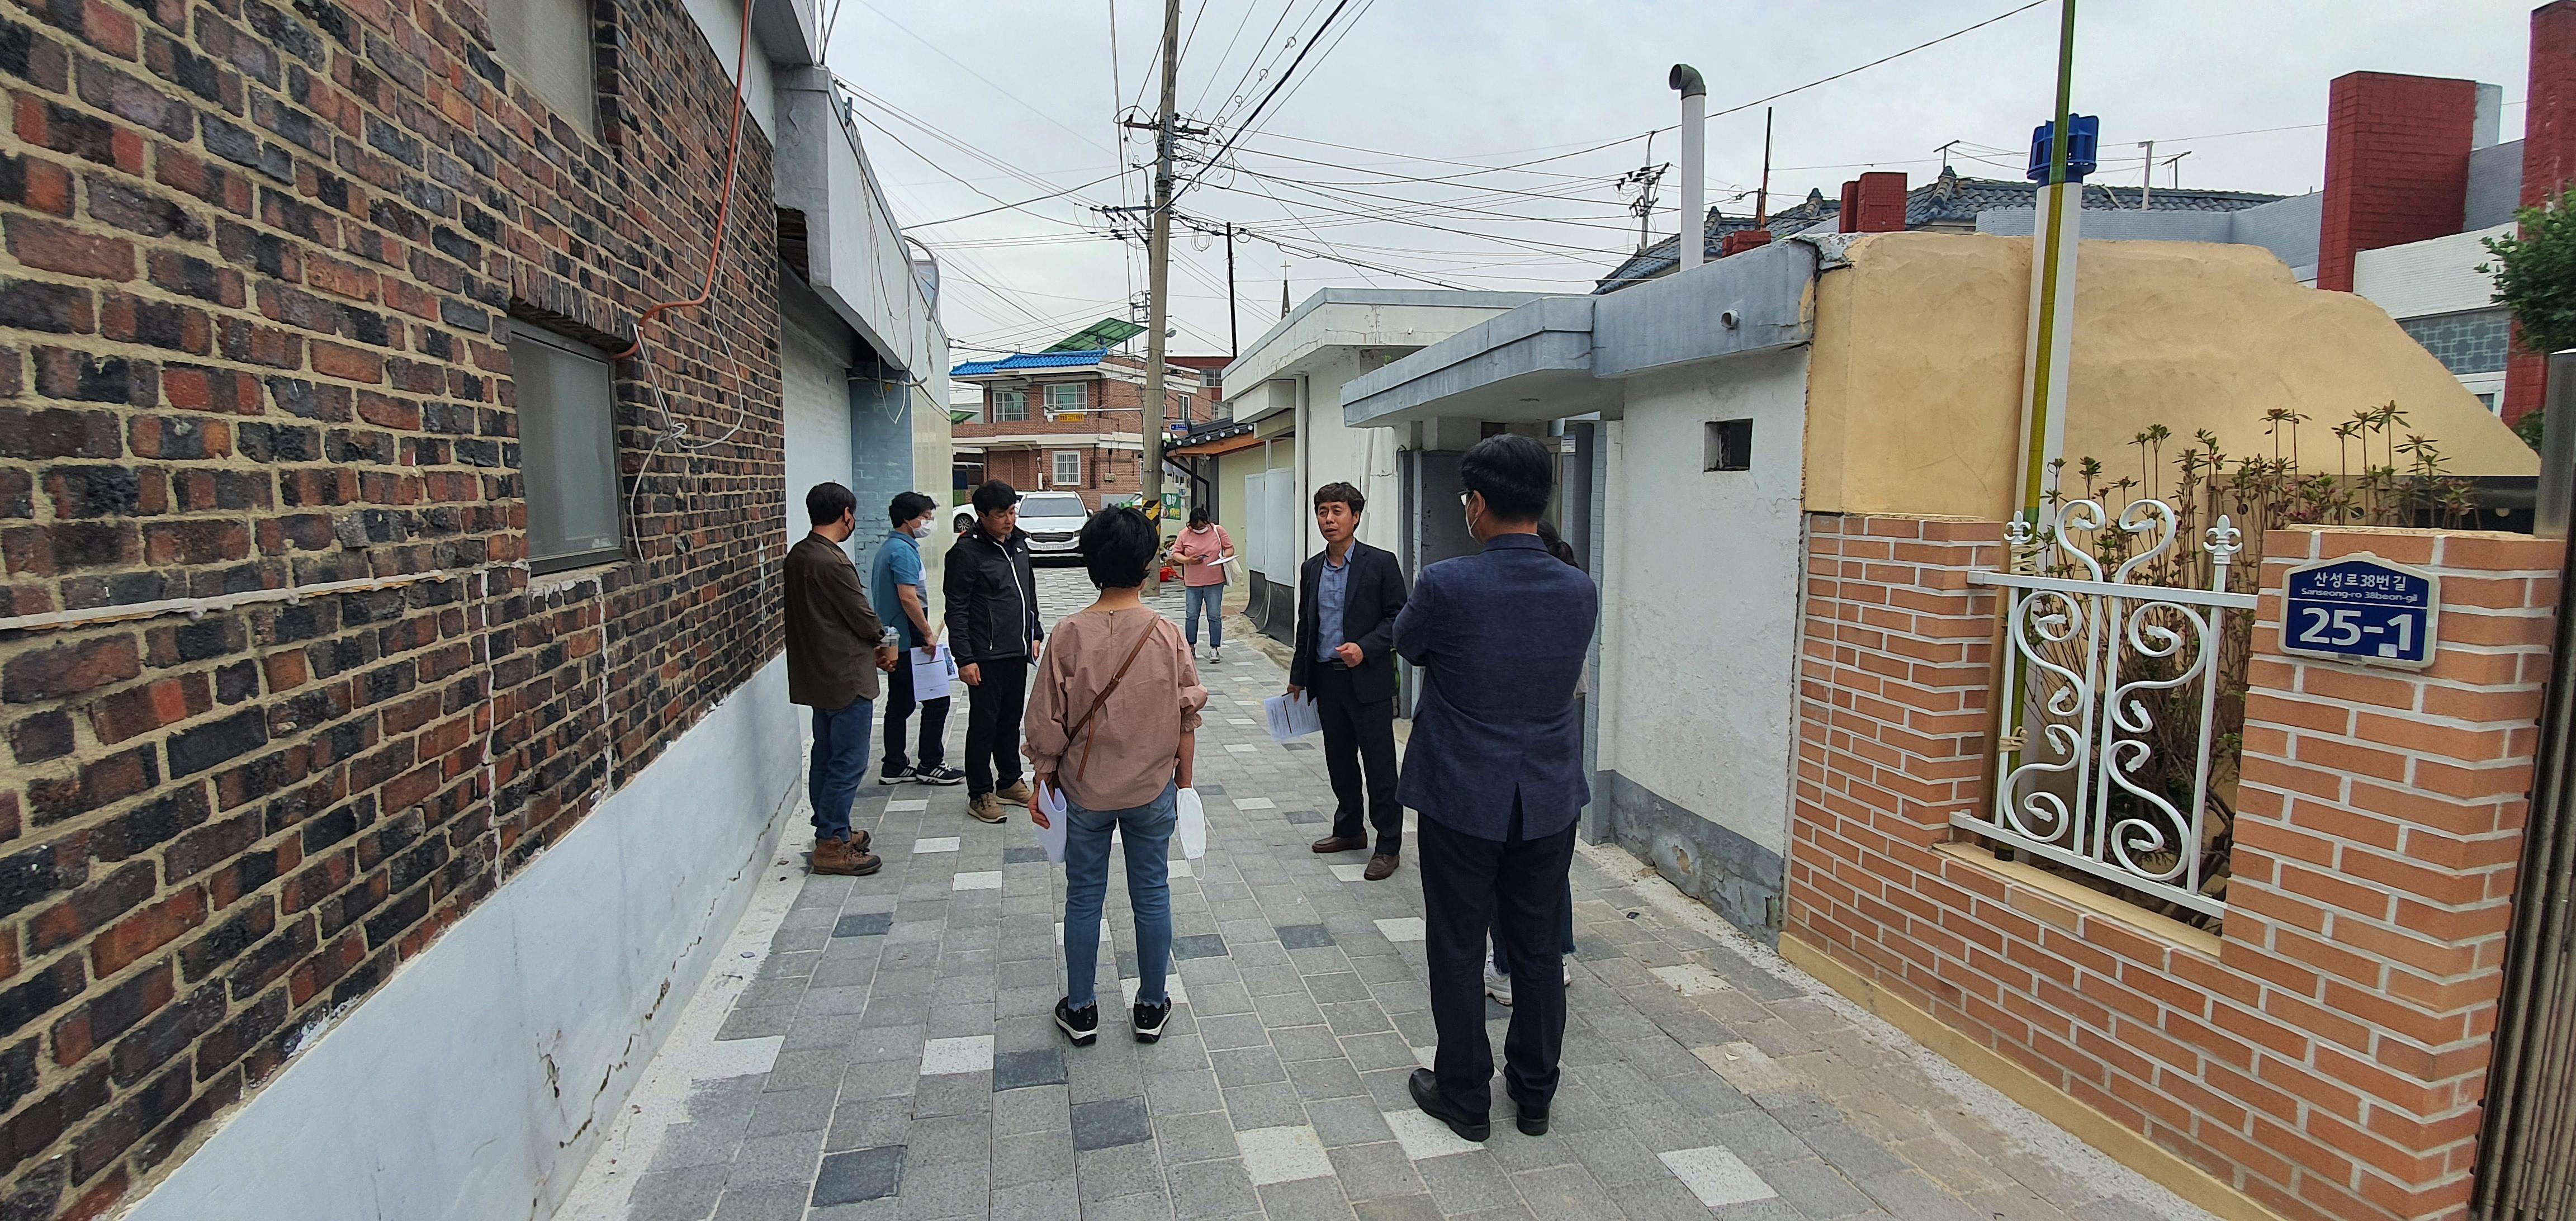 2020년 골목정원 만들기 사업 - 기본계획 자문회의(05.14)